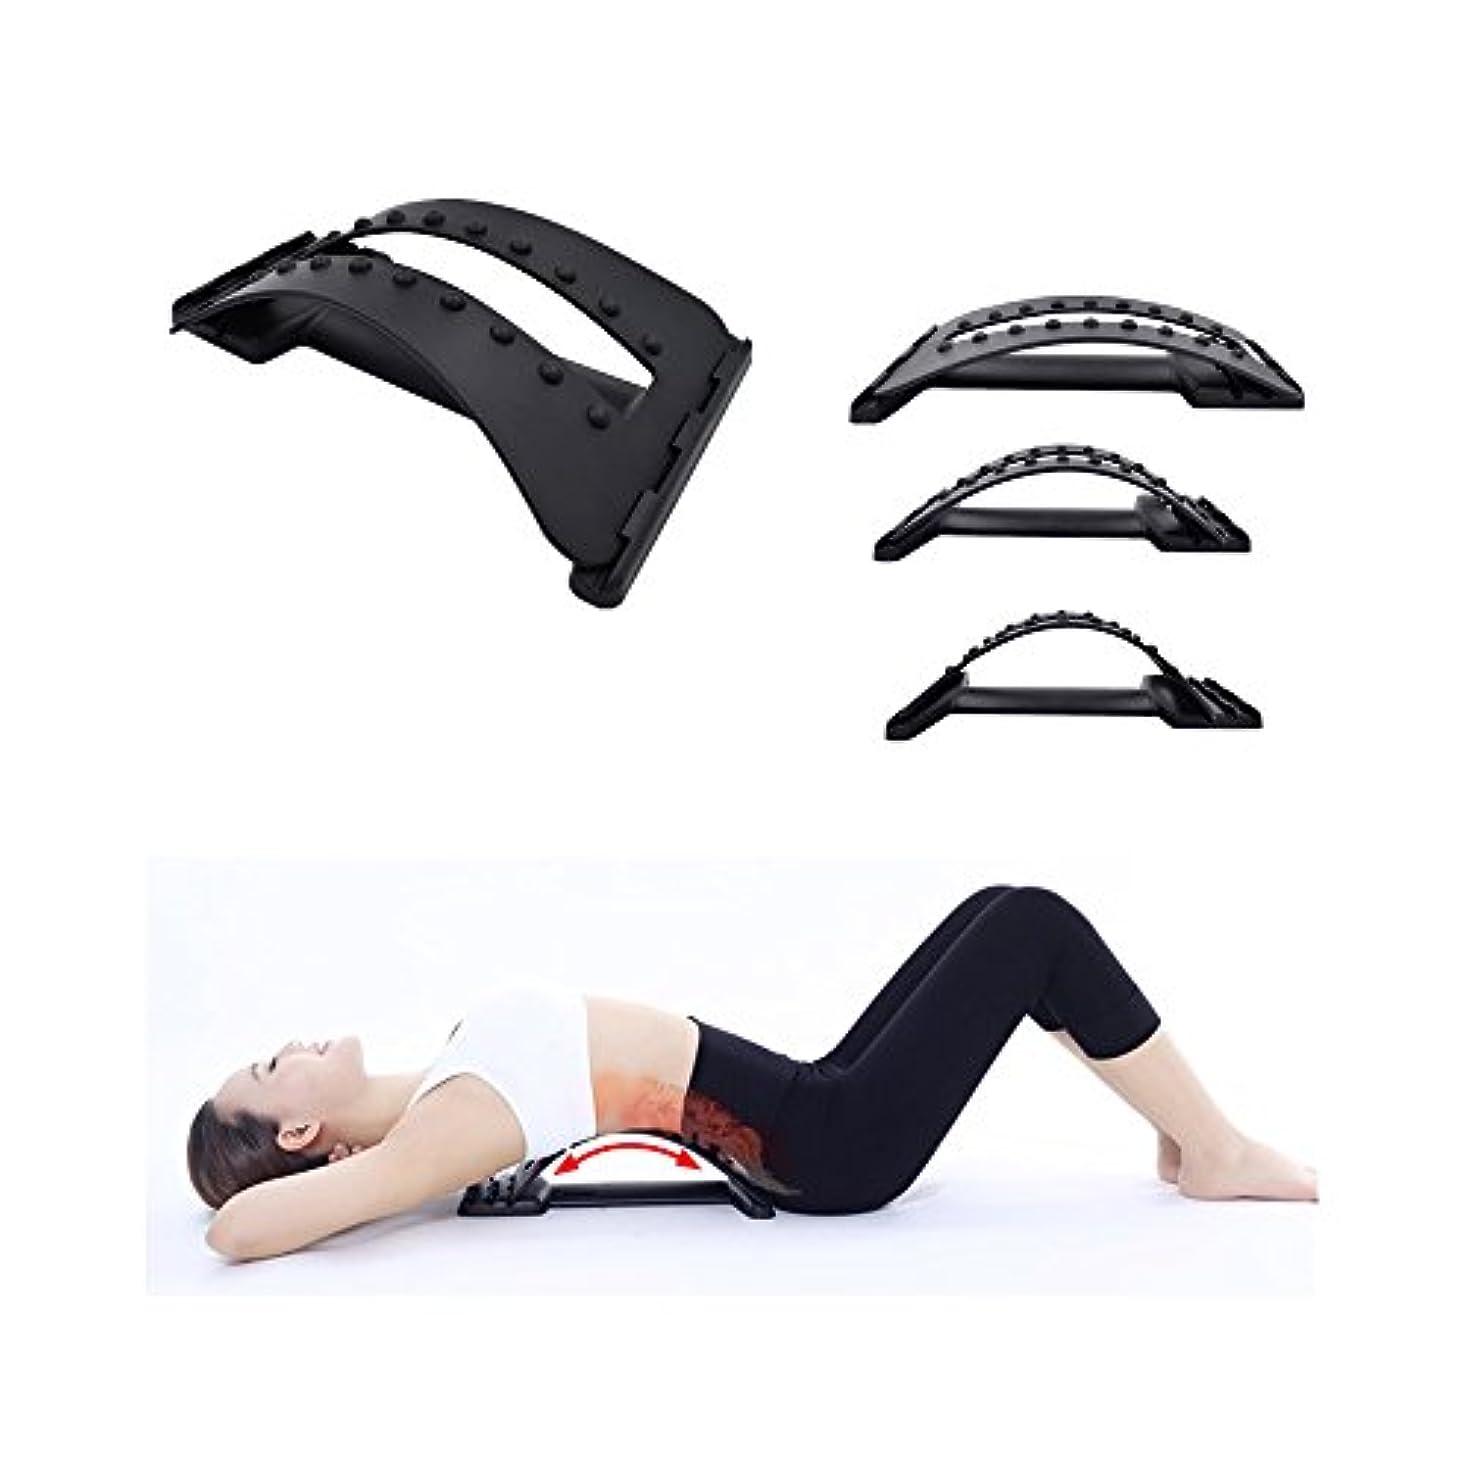 スケート不潔職業Decdeal フィットネスストレッチ装置 背中マッサージ器 マジック伸縮器 腰椎サポート リラクゼーションメイト カイロプラクター